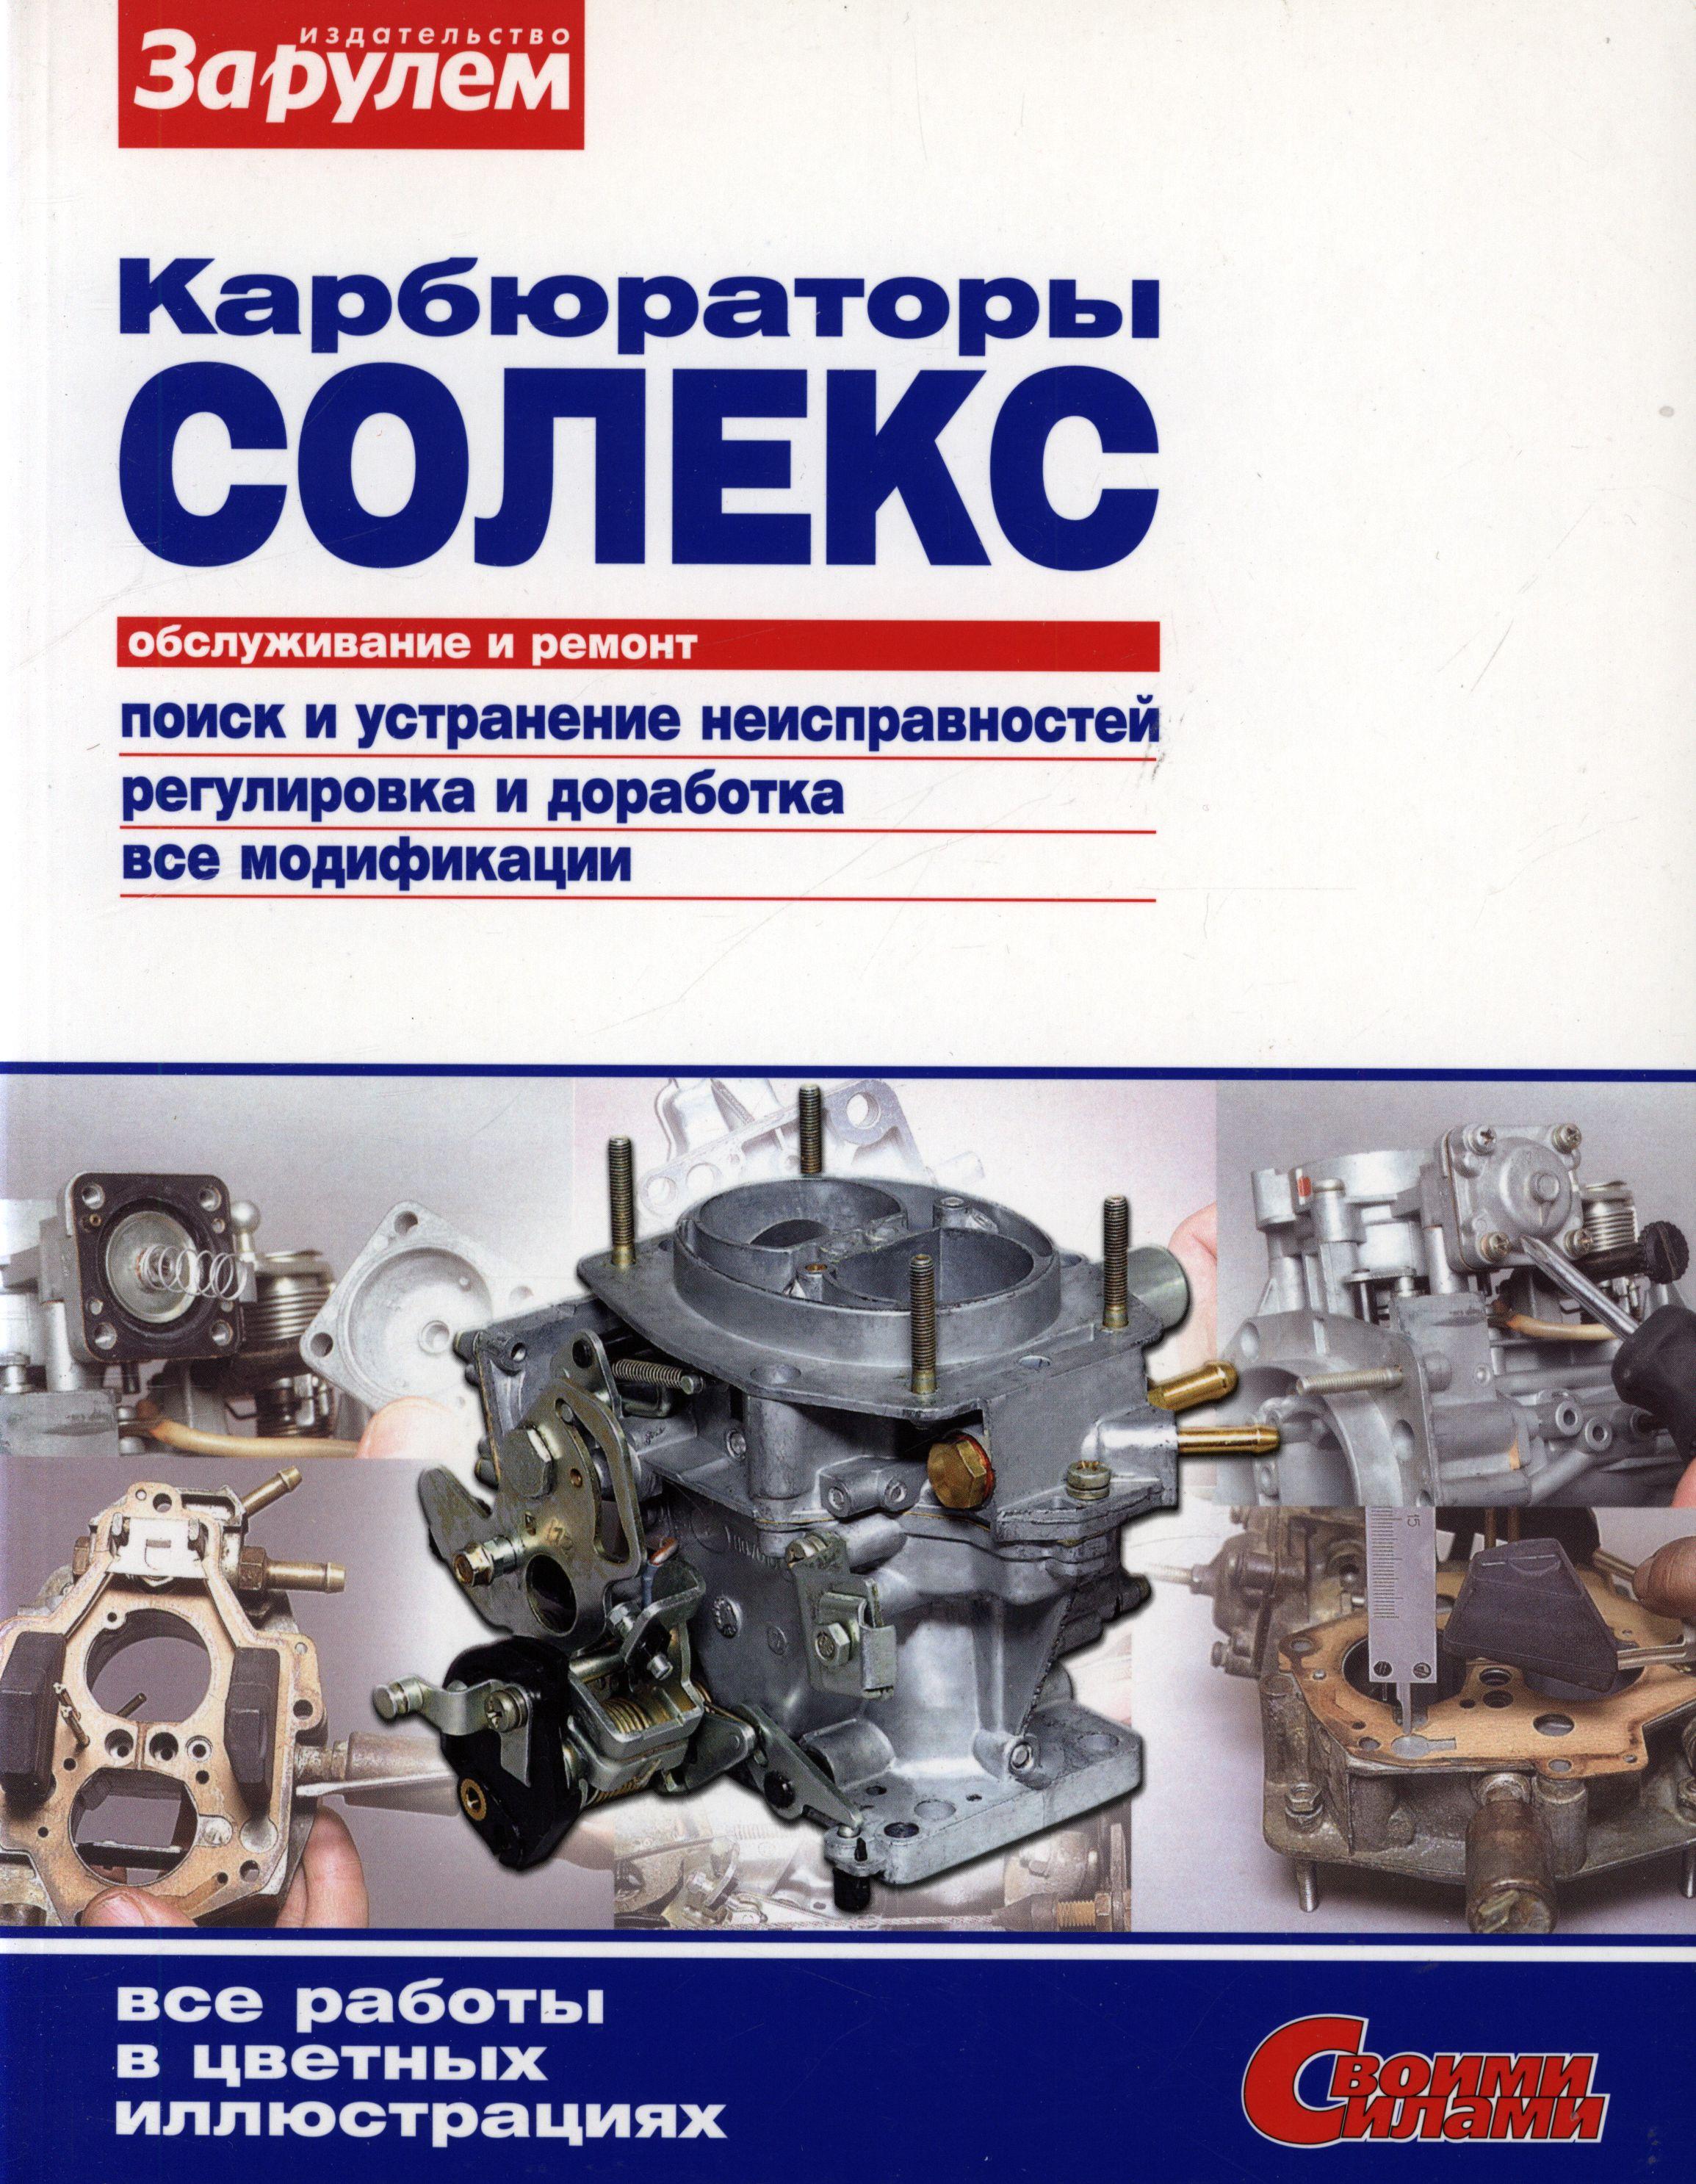 Карбюраторы Солекс. Руководство по ремонту